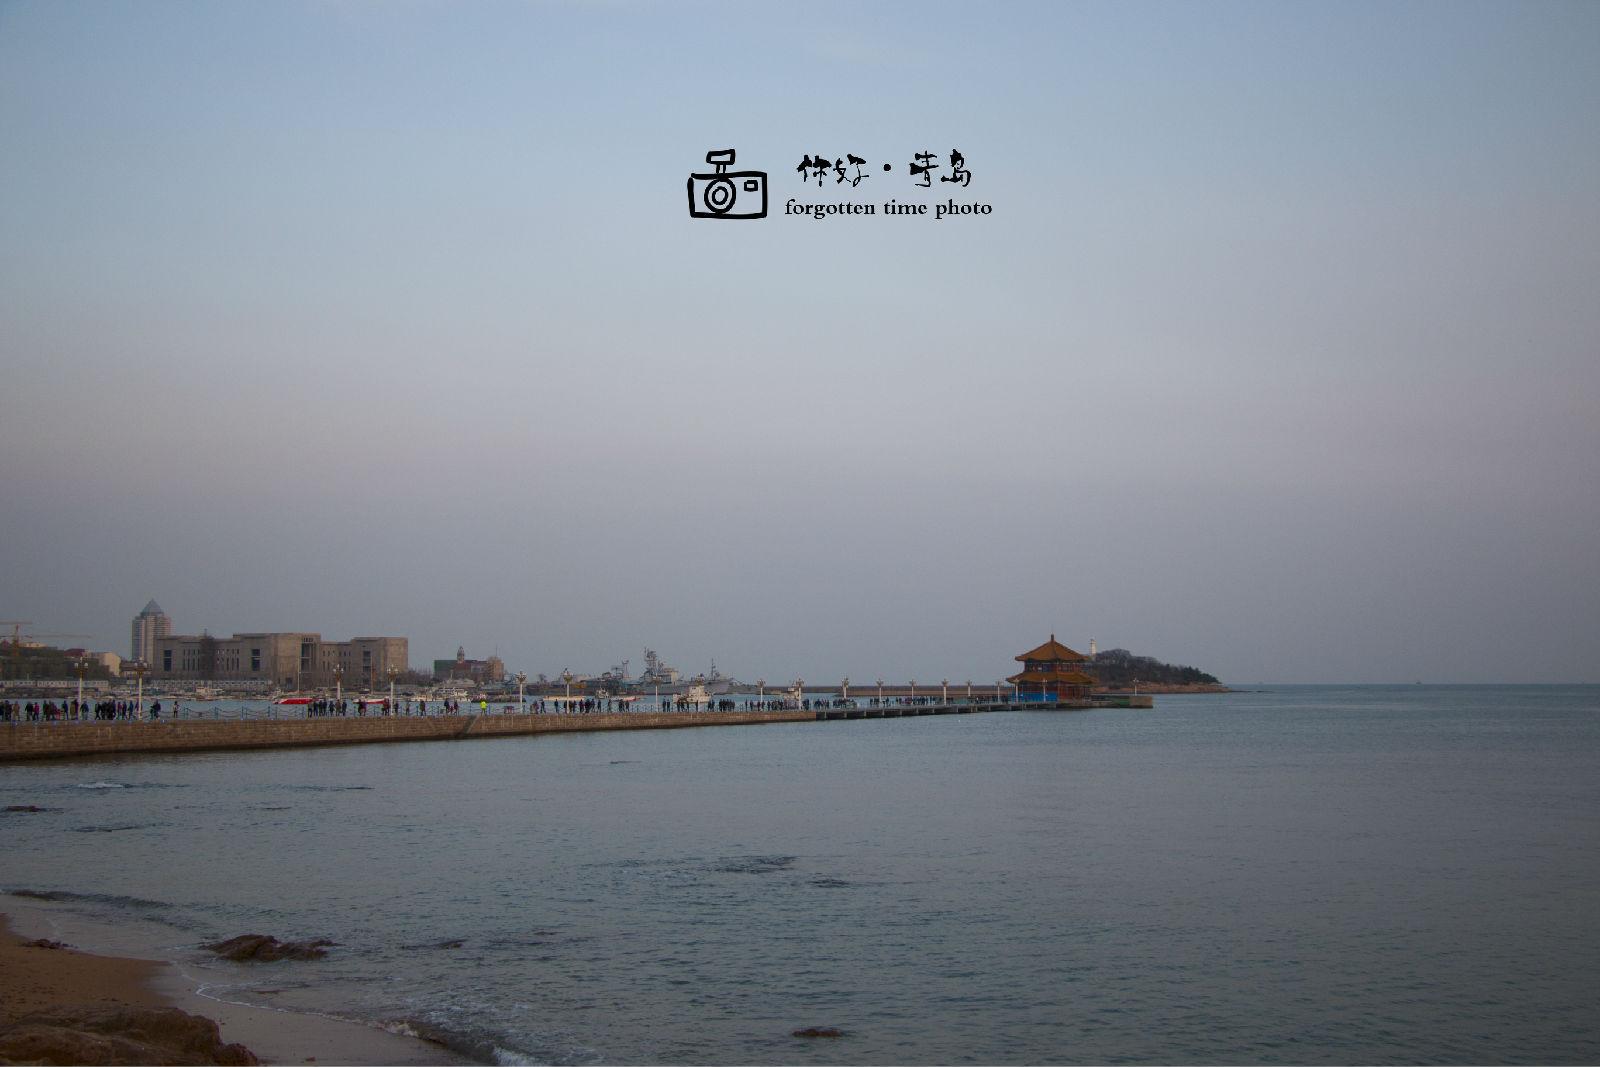 来栈桥也可以早上来,青岛话叫做赶海儿~海水退潮,可以在海滩上拾取